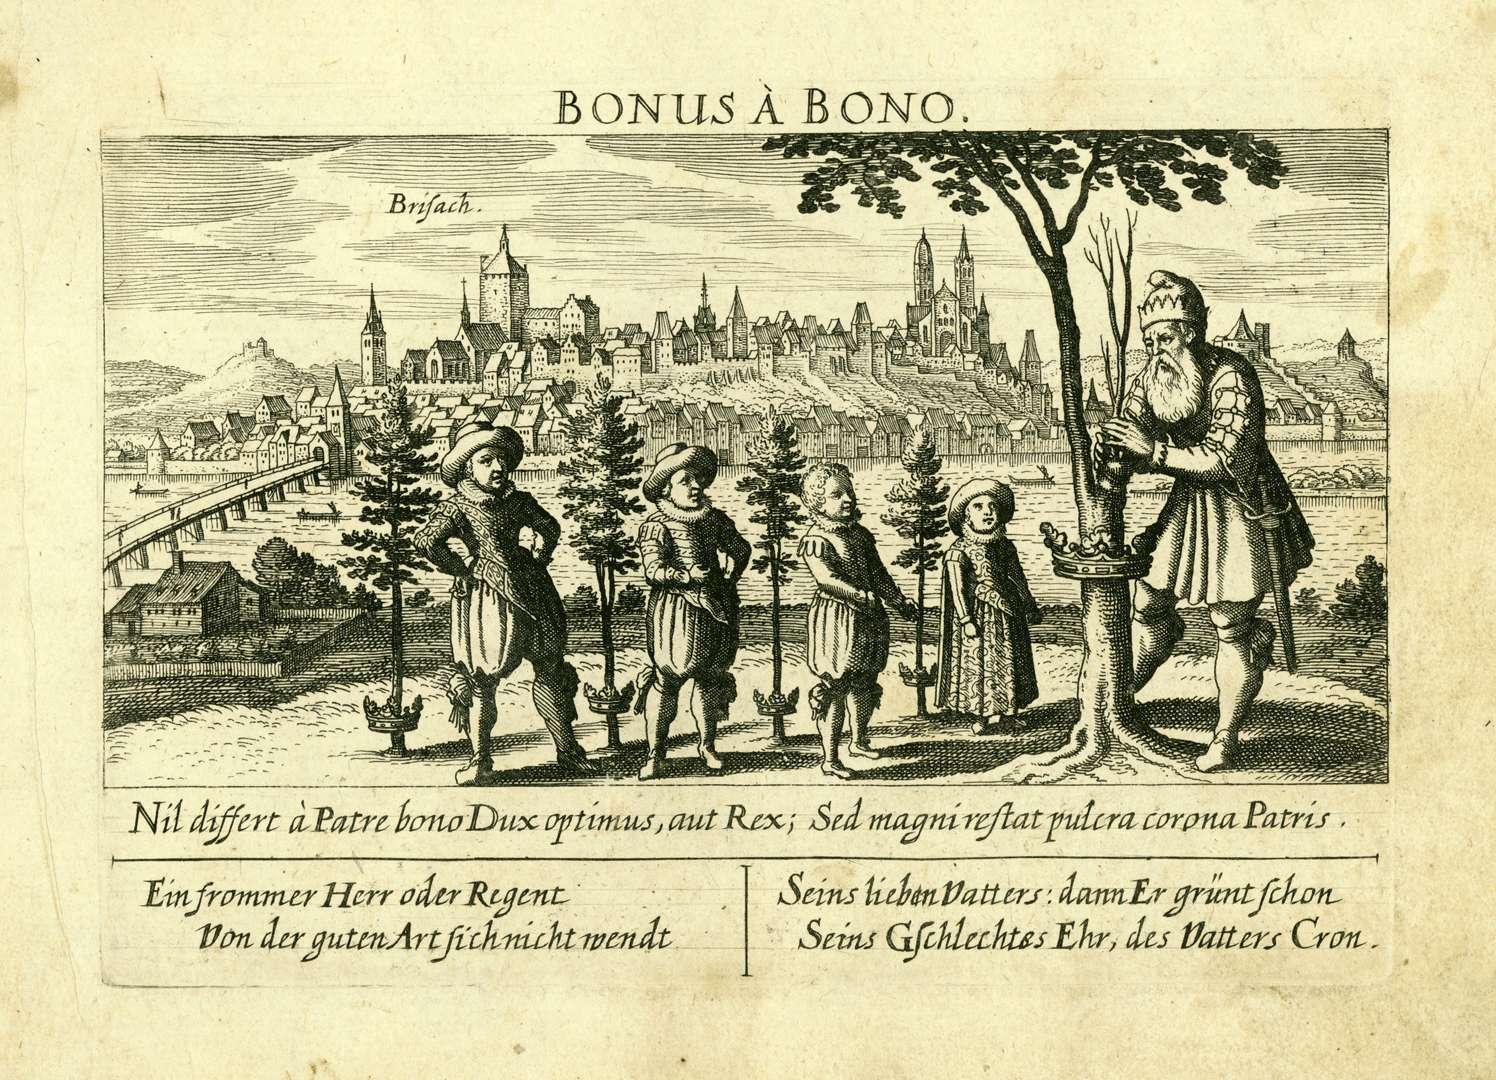 Bonus a Bono, Bild 1